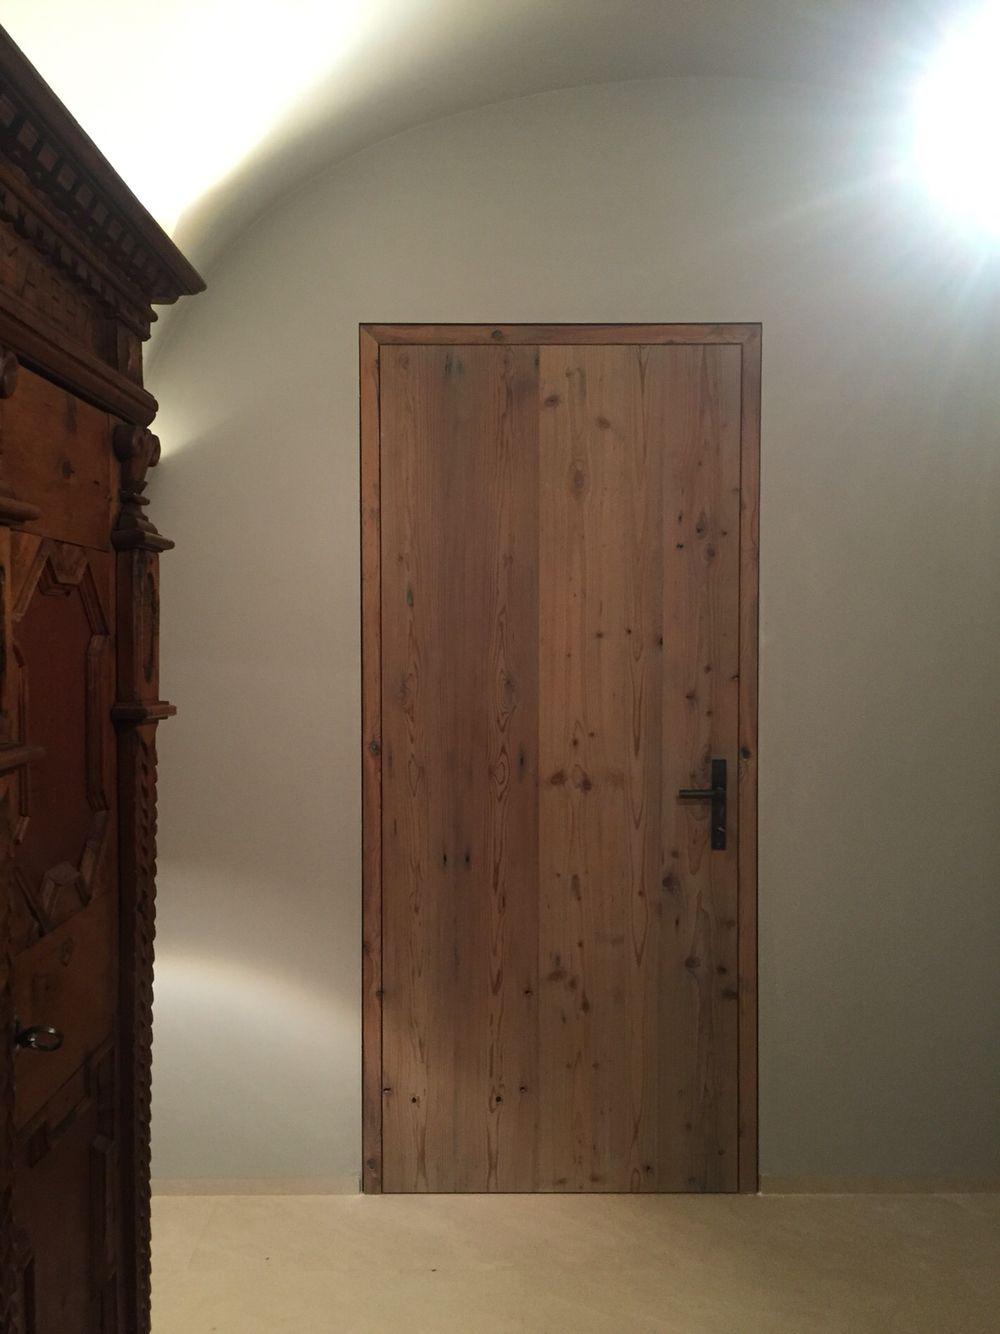 Wippro Innentüren mauerbündig, Fichte antik | Wippro Türen | Pinterest | Innentüren, Fichten und ...